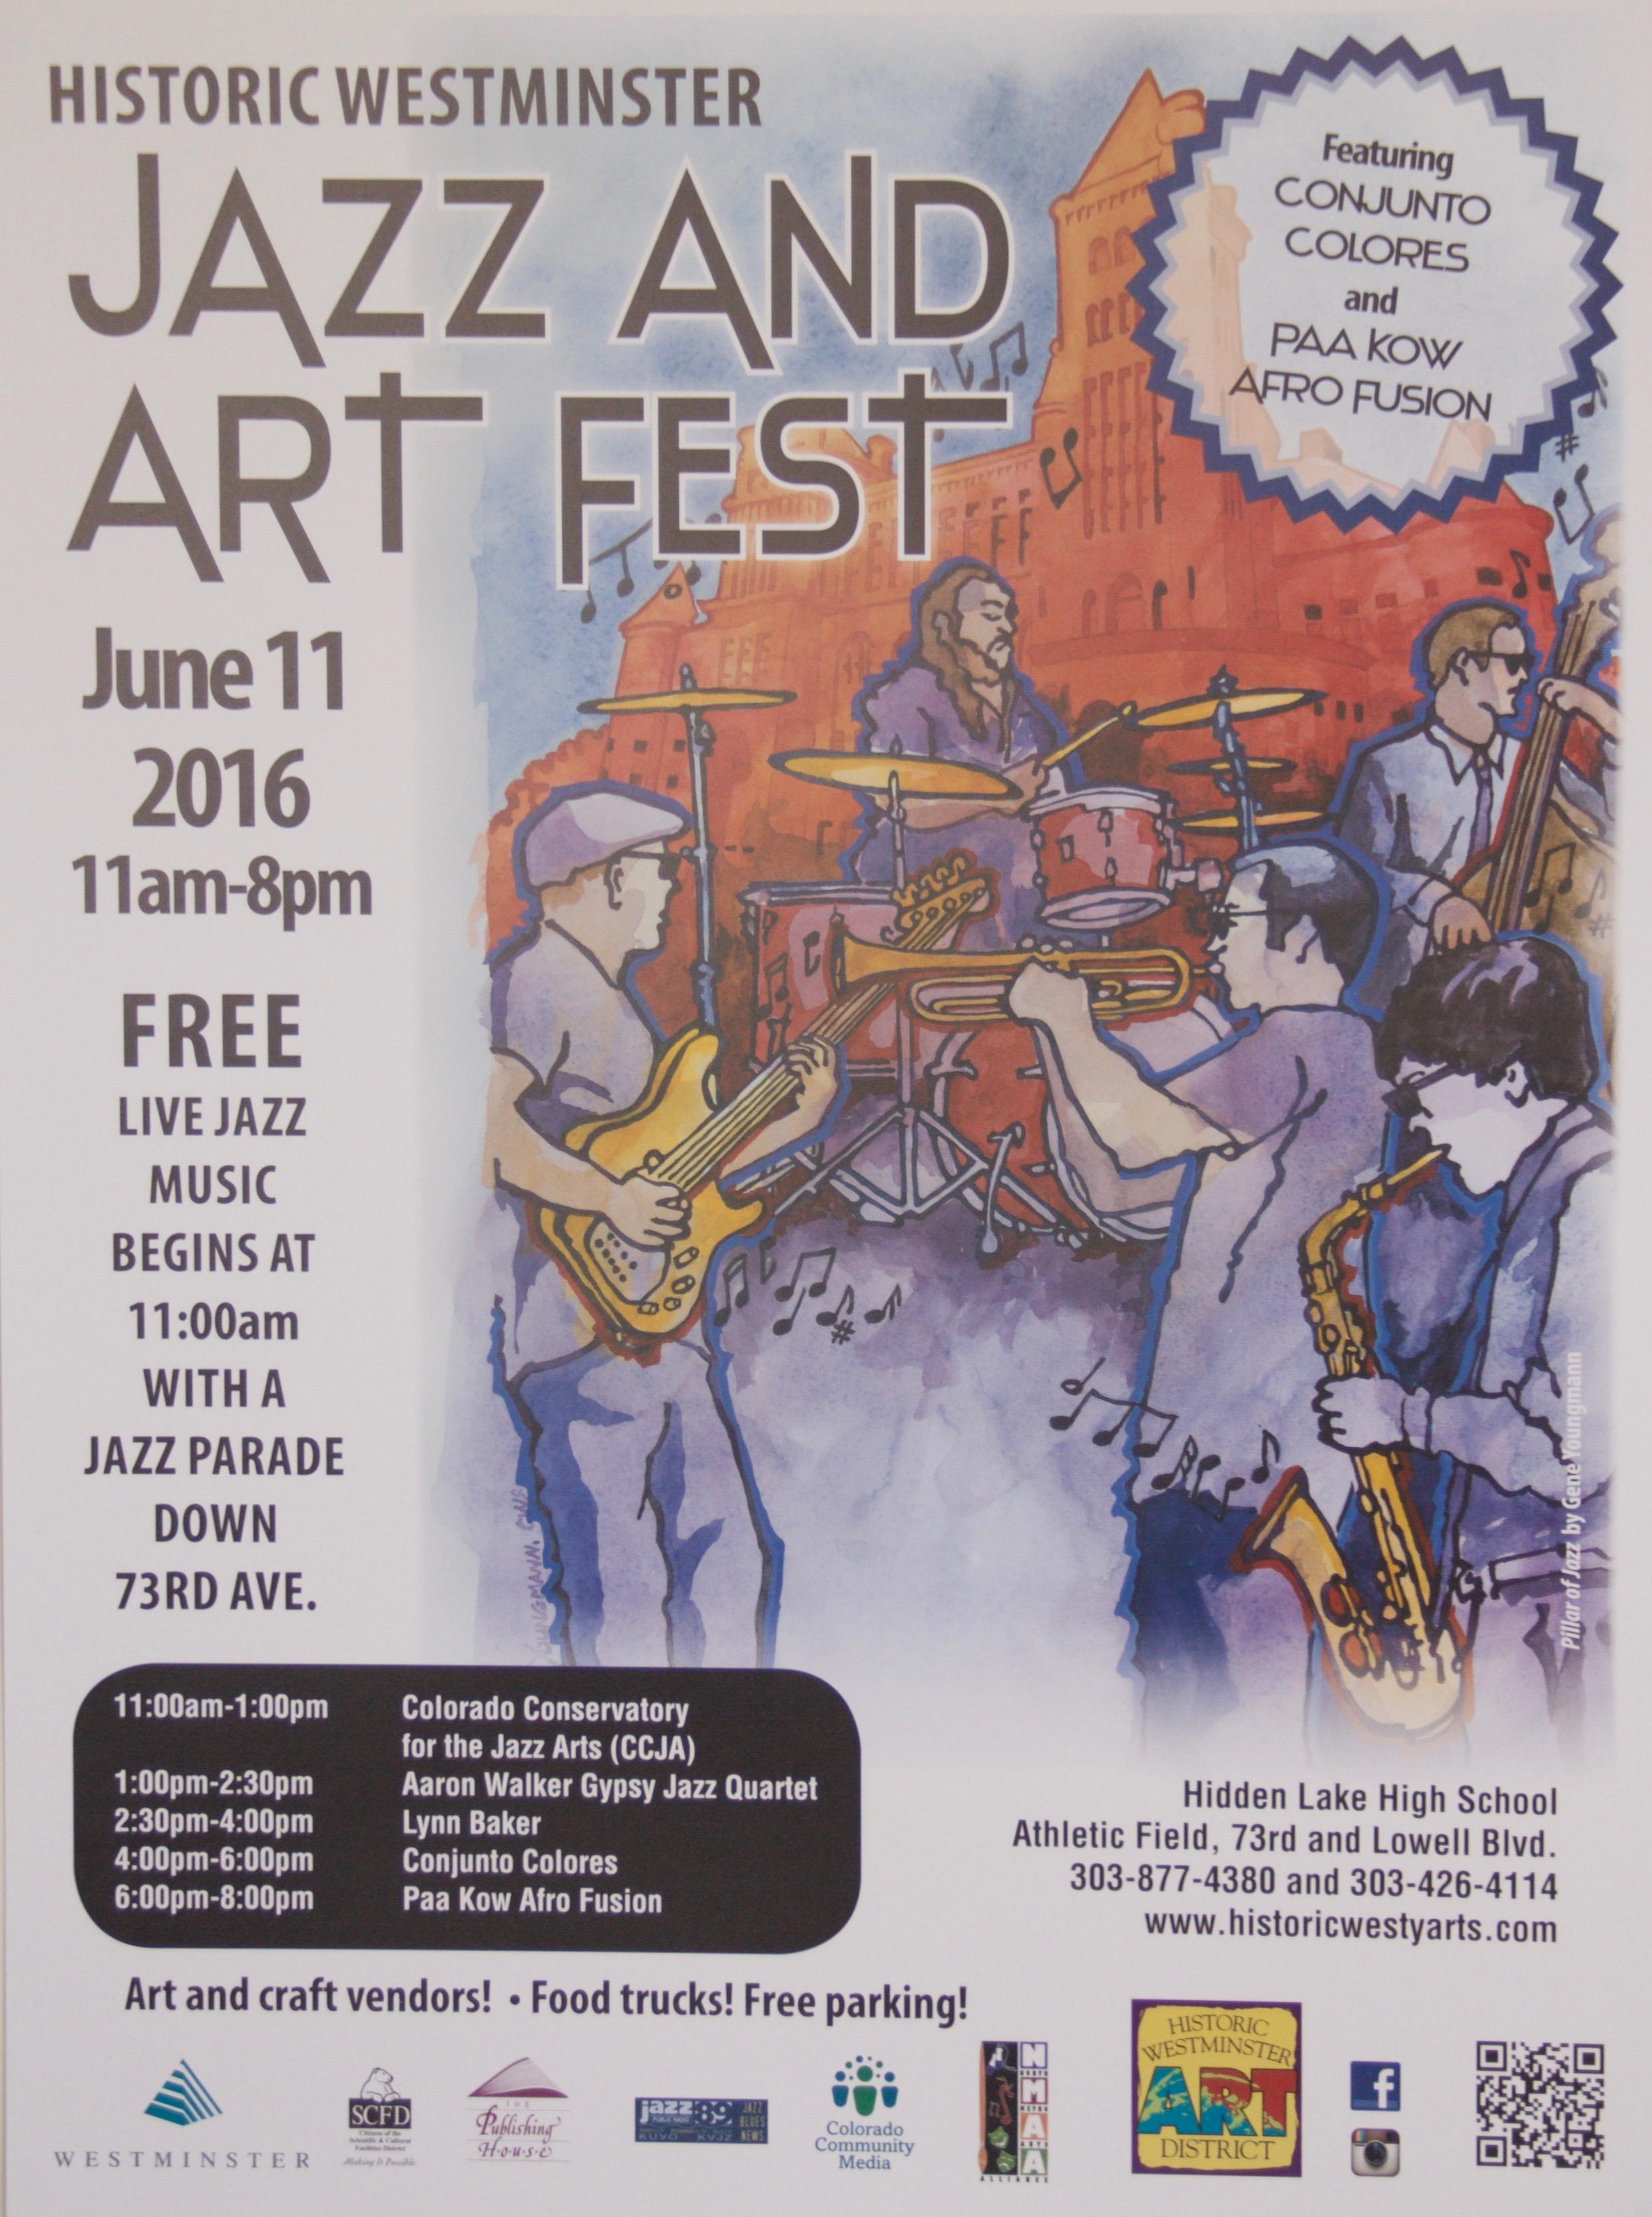 2016 Jazz & Art Fest Poster